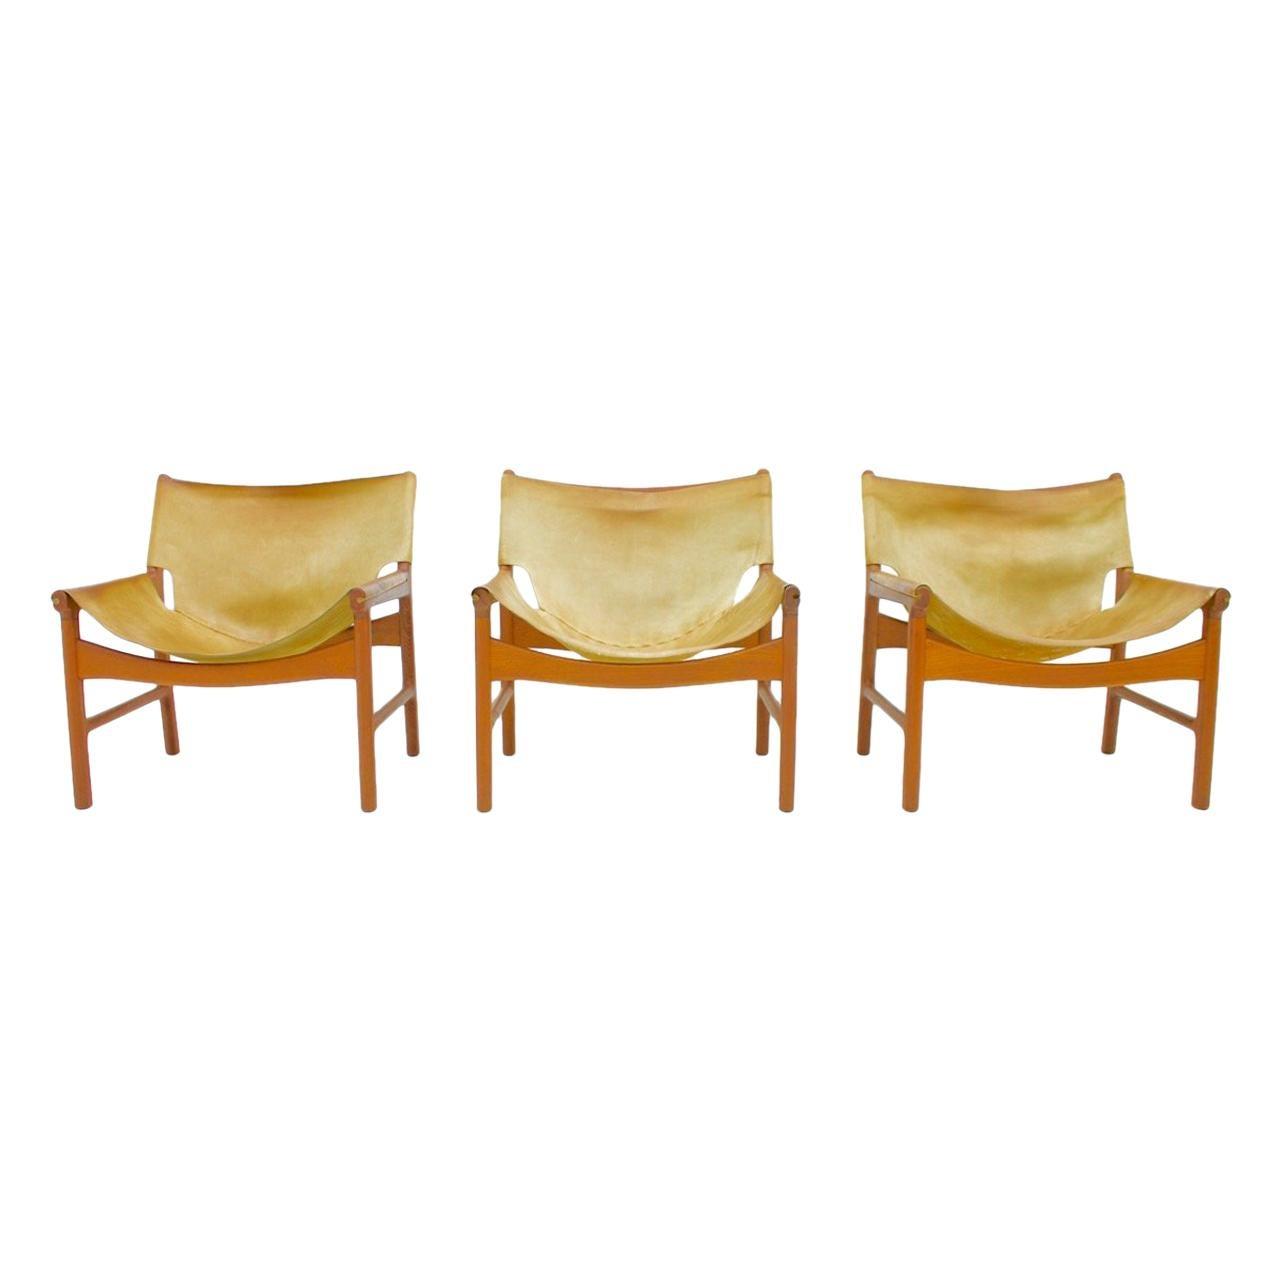 Illum Wikkelso Easy Chair Model 103 in Teak & Leather by Mikael Laursen Denmark